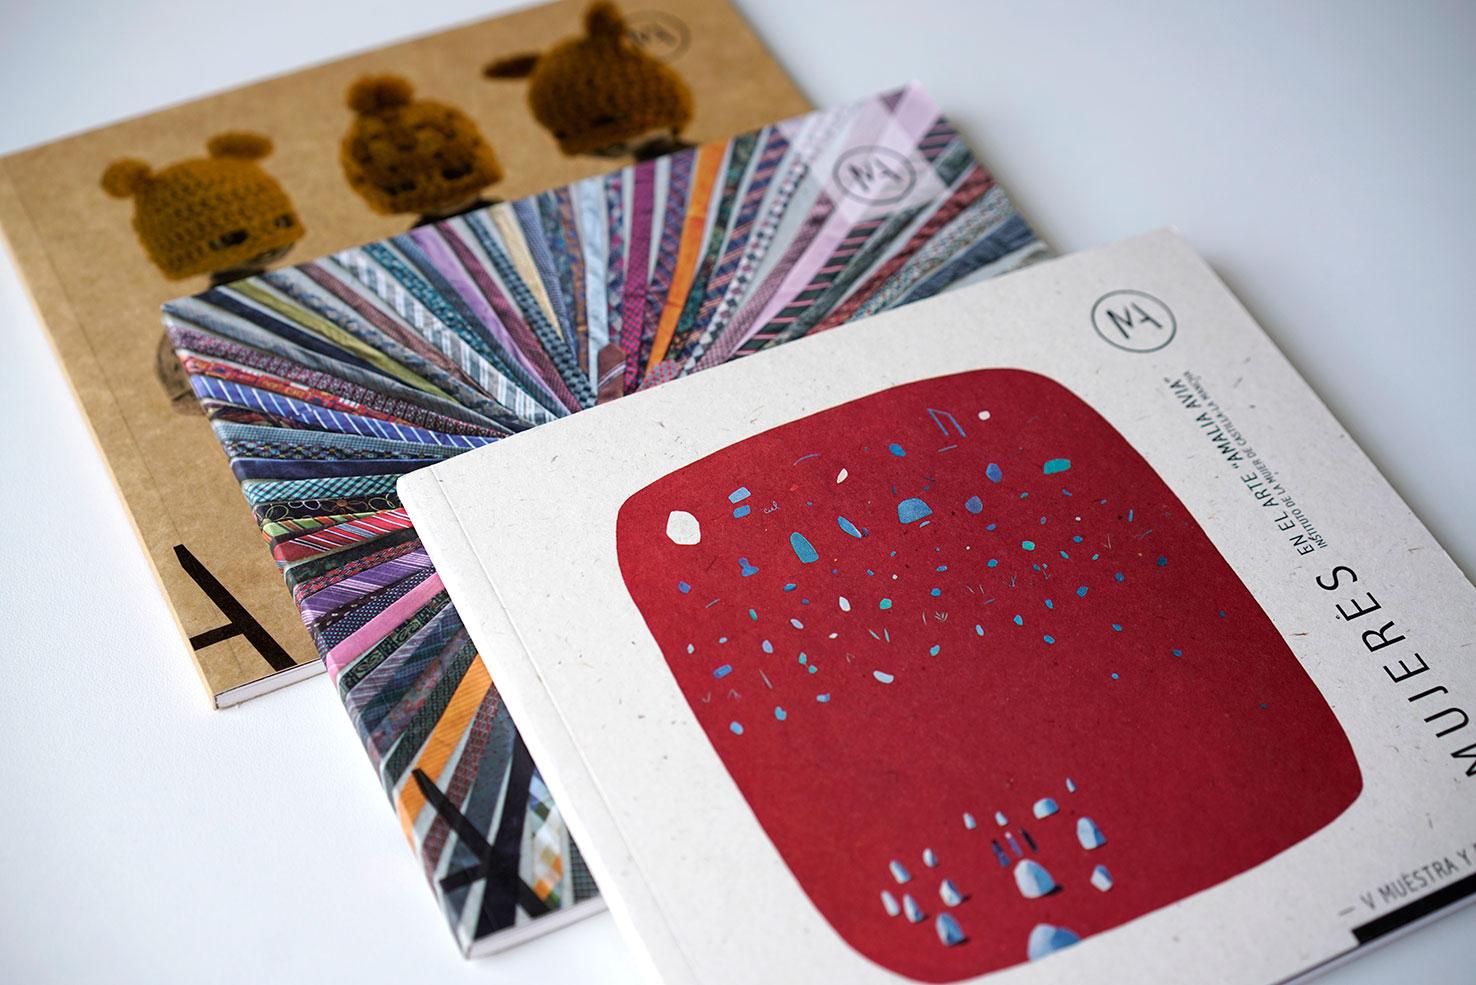 Diseño-Gráficas-Exposicones-Mujeres-en-el-arte-Amalia-Avia-Instituto-de-la-mujer-de-castilla-la-mancha